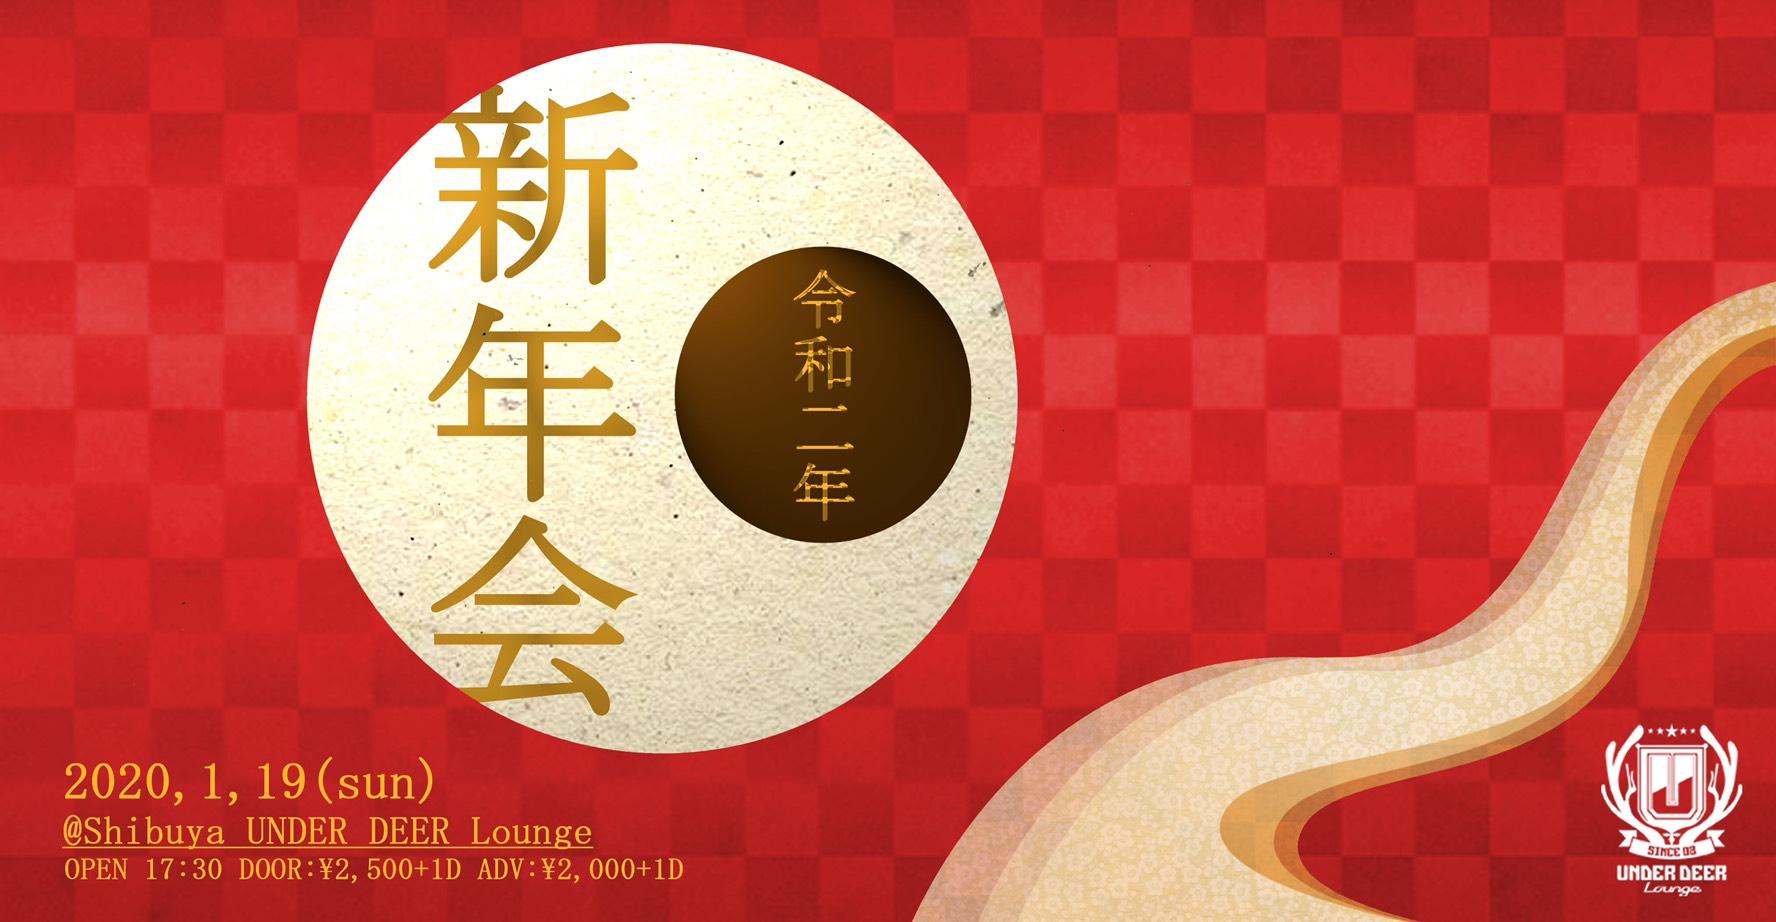 2020.1.19(sun) UNDER DEER Lounge 大新年会!! @渋谷UNDER DEER Lounge